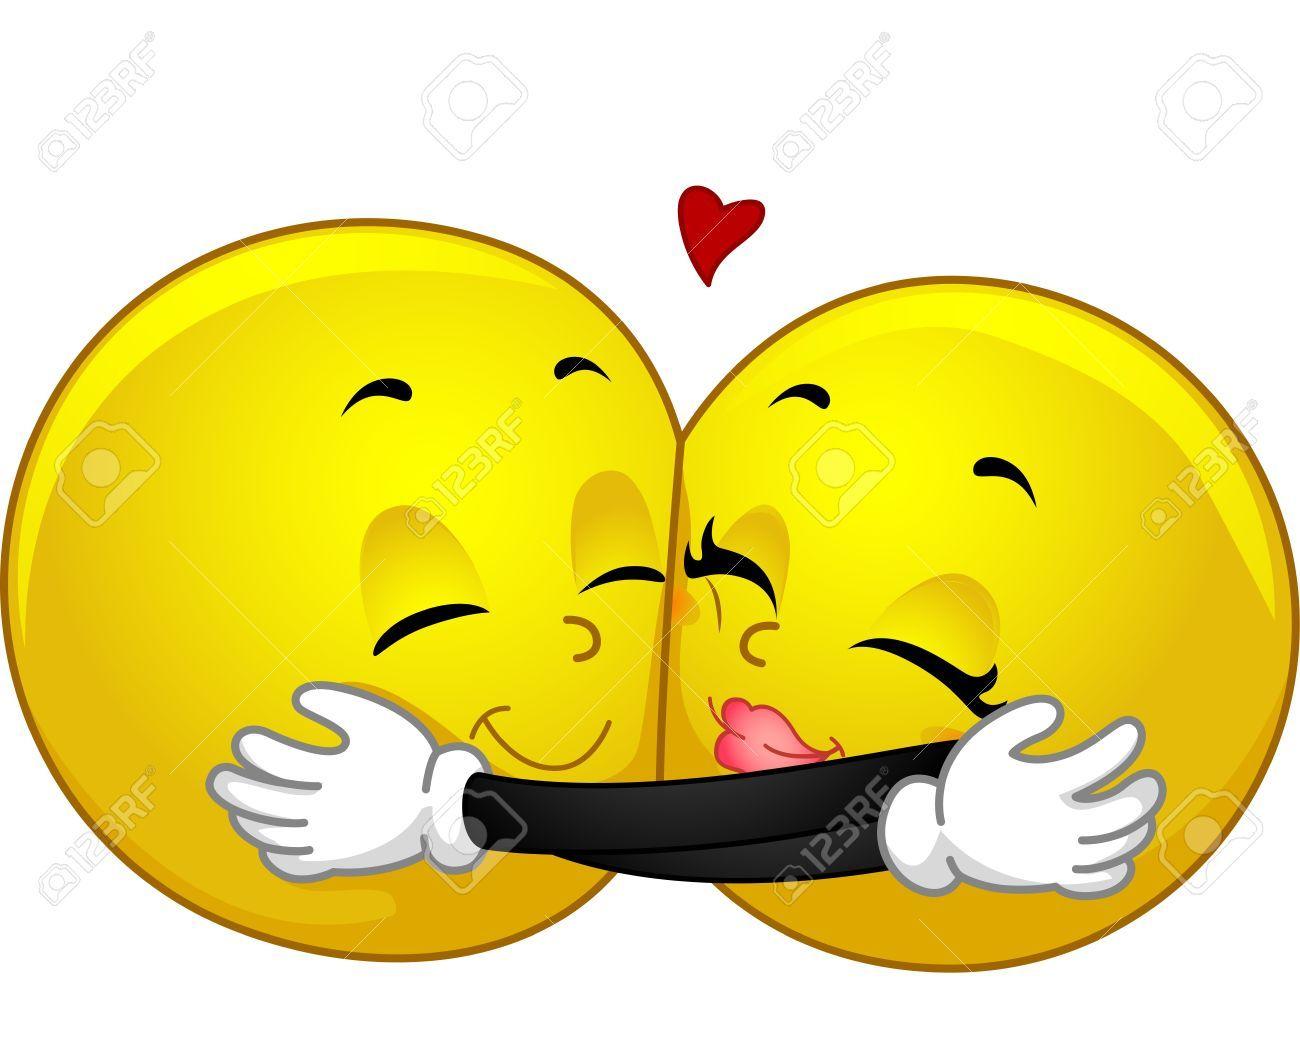 Gute nacht kuss smiley